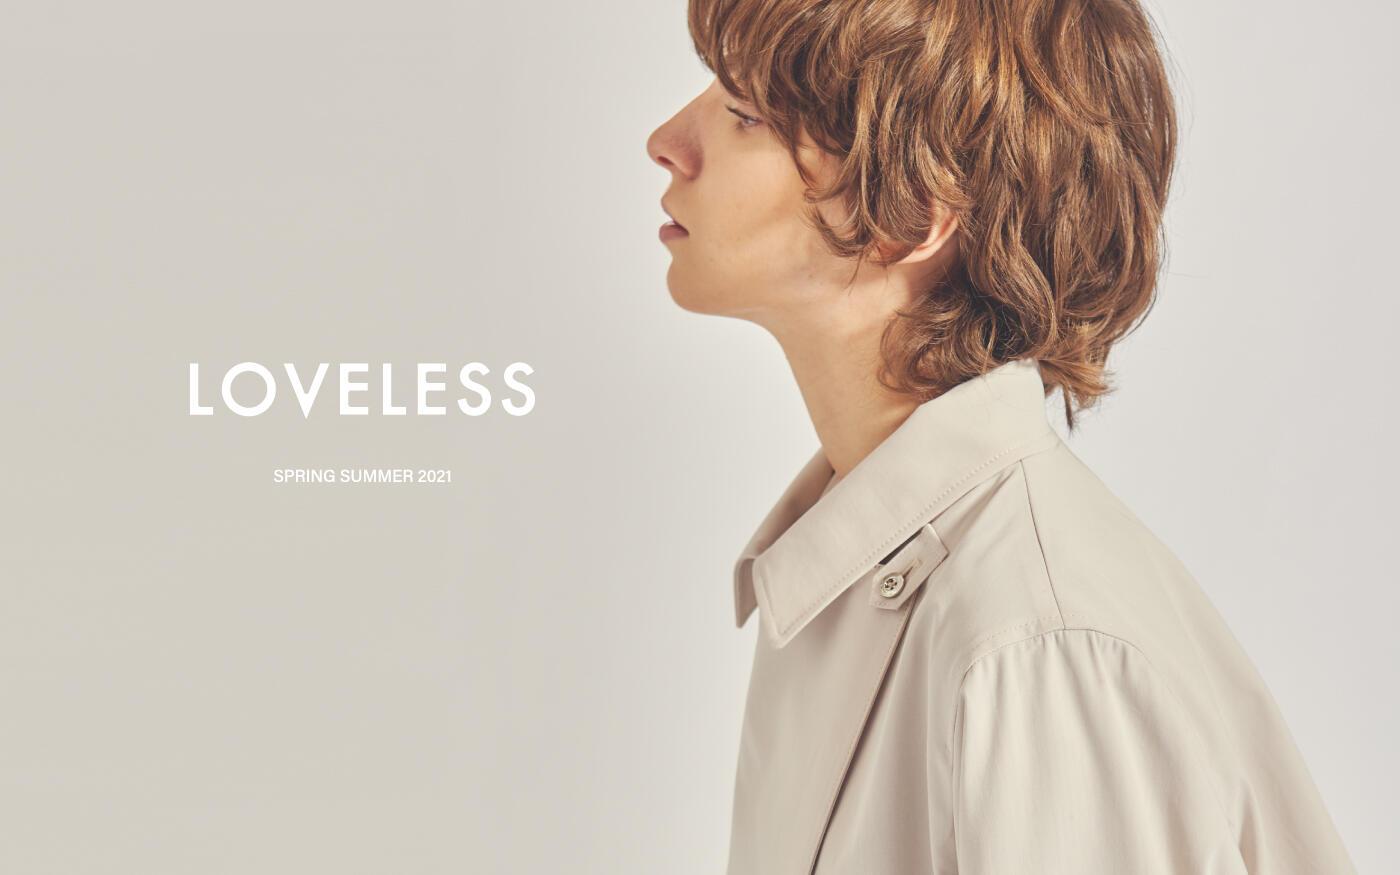 LOVELESS SPRING SUMMER 2021 -WOMEN-